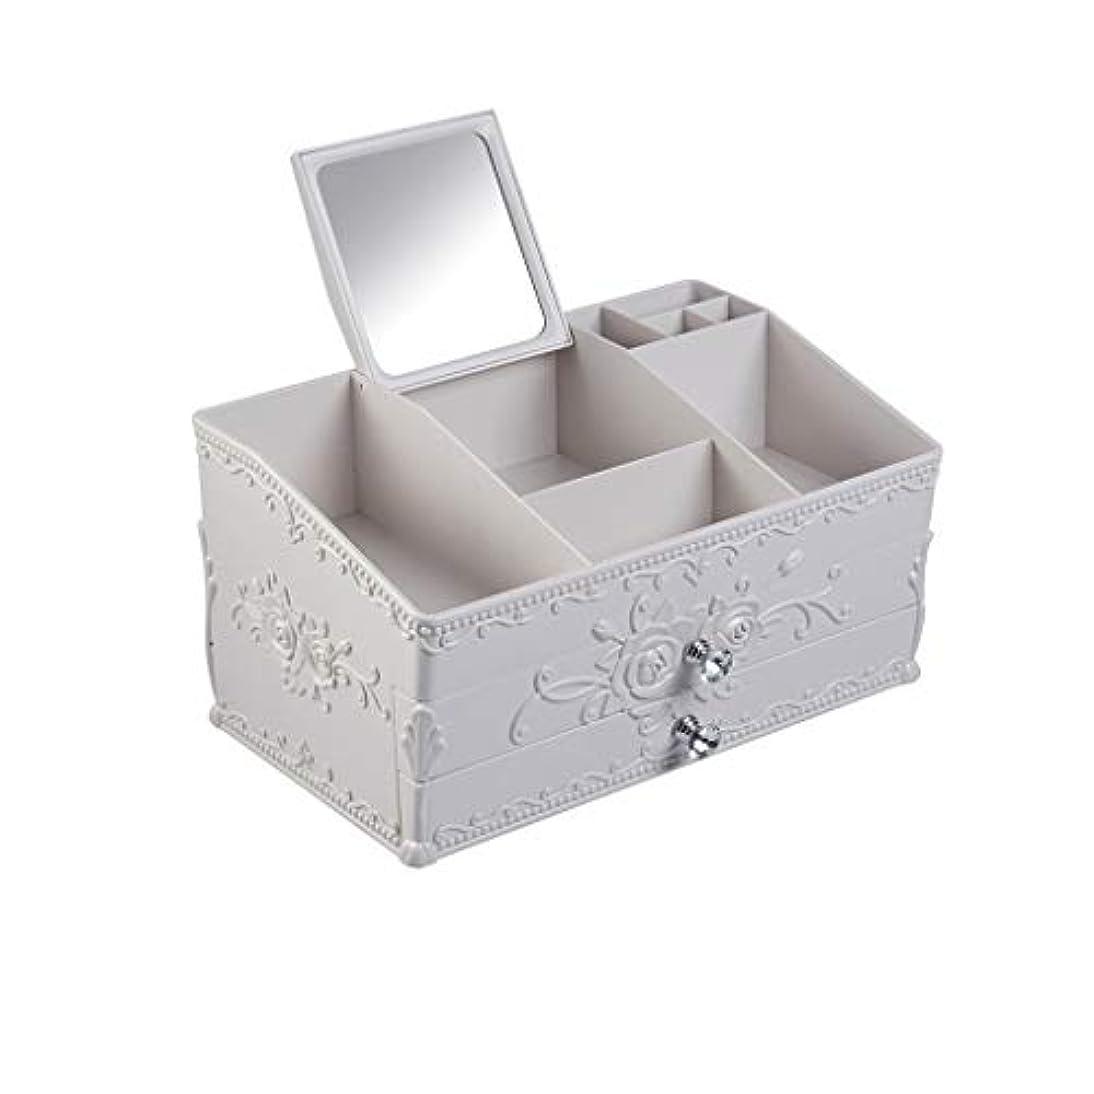 間違い候補者オゾンドレッシングテーブルデスクトップスキンケア収納ボックス寮プラスチックラック (Color : B)